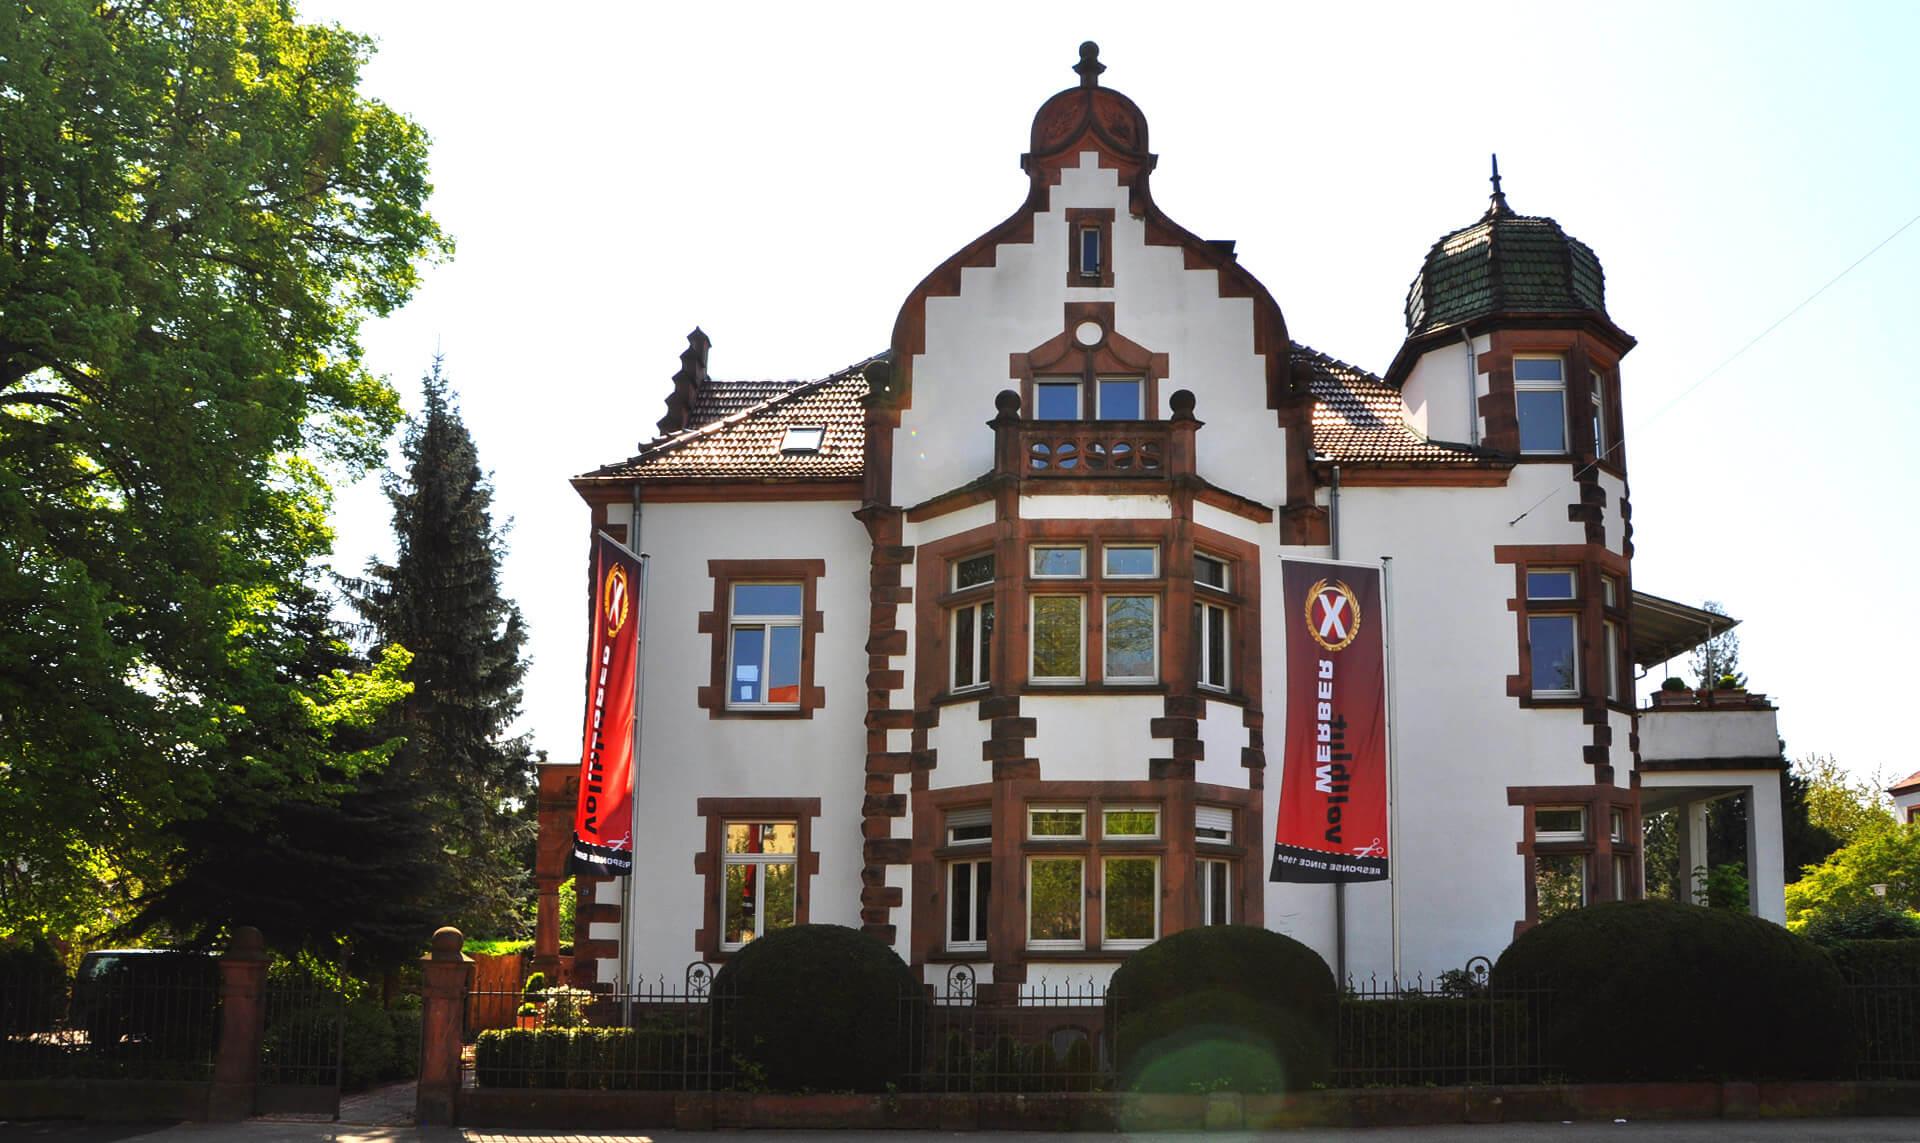 Unsere Agentur in der Villa Marckwardt